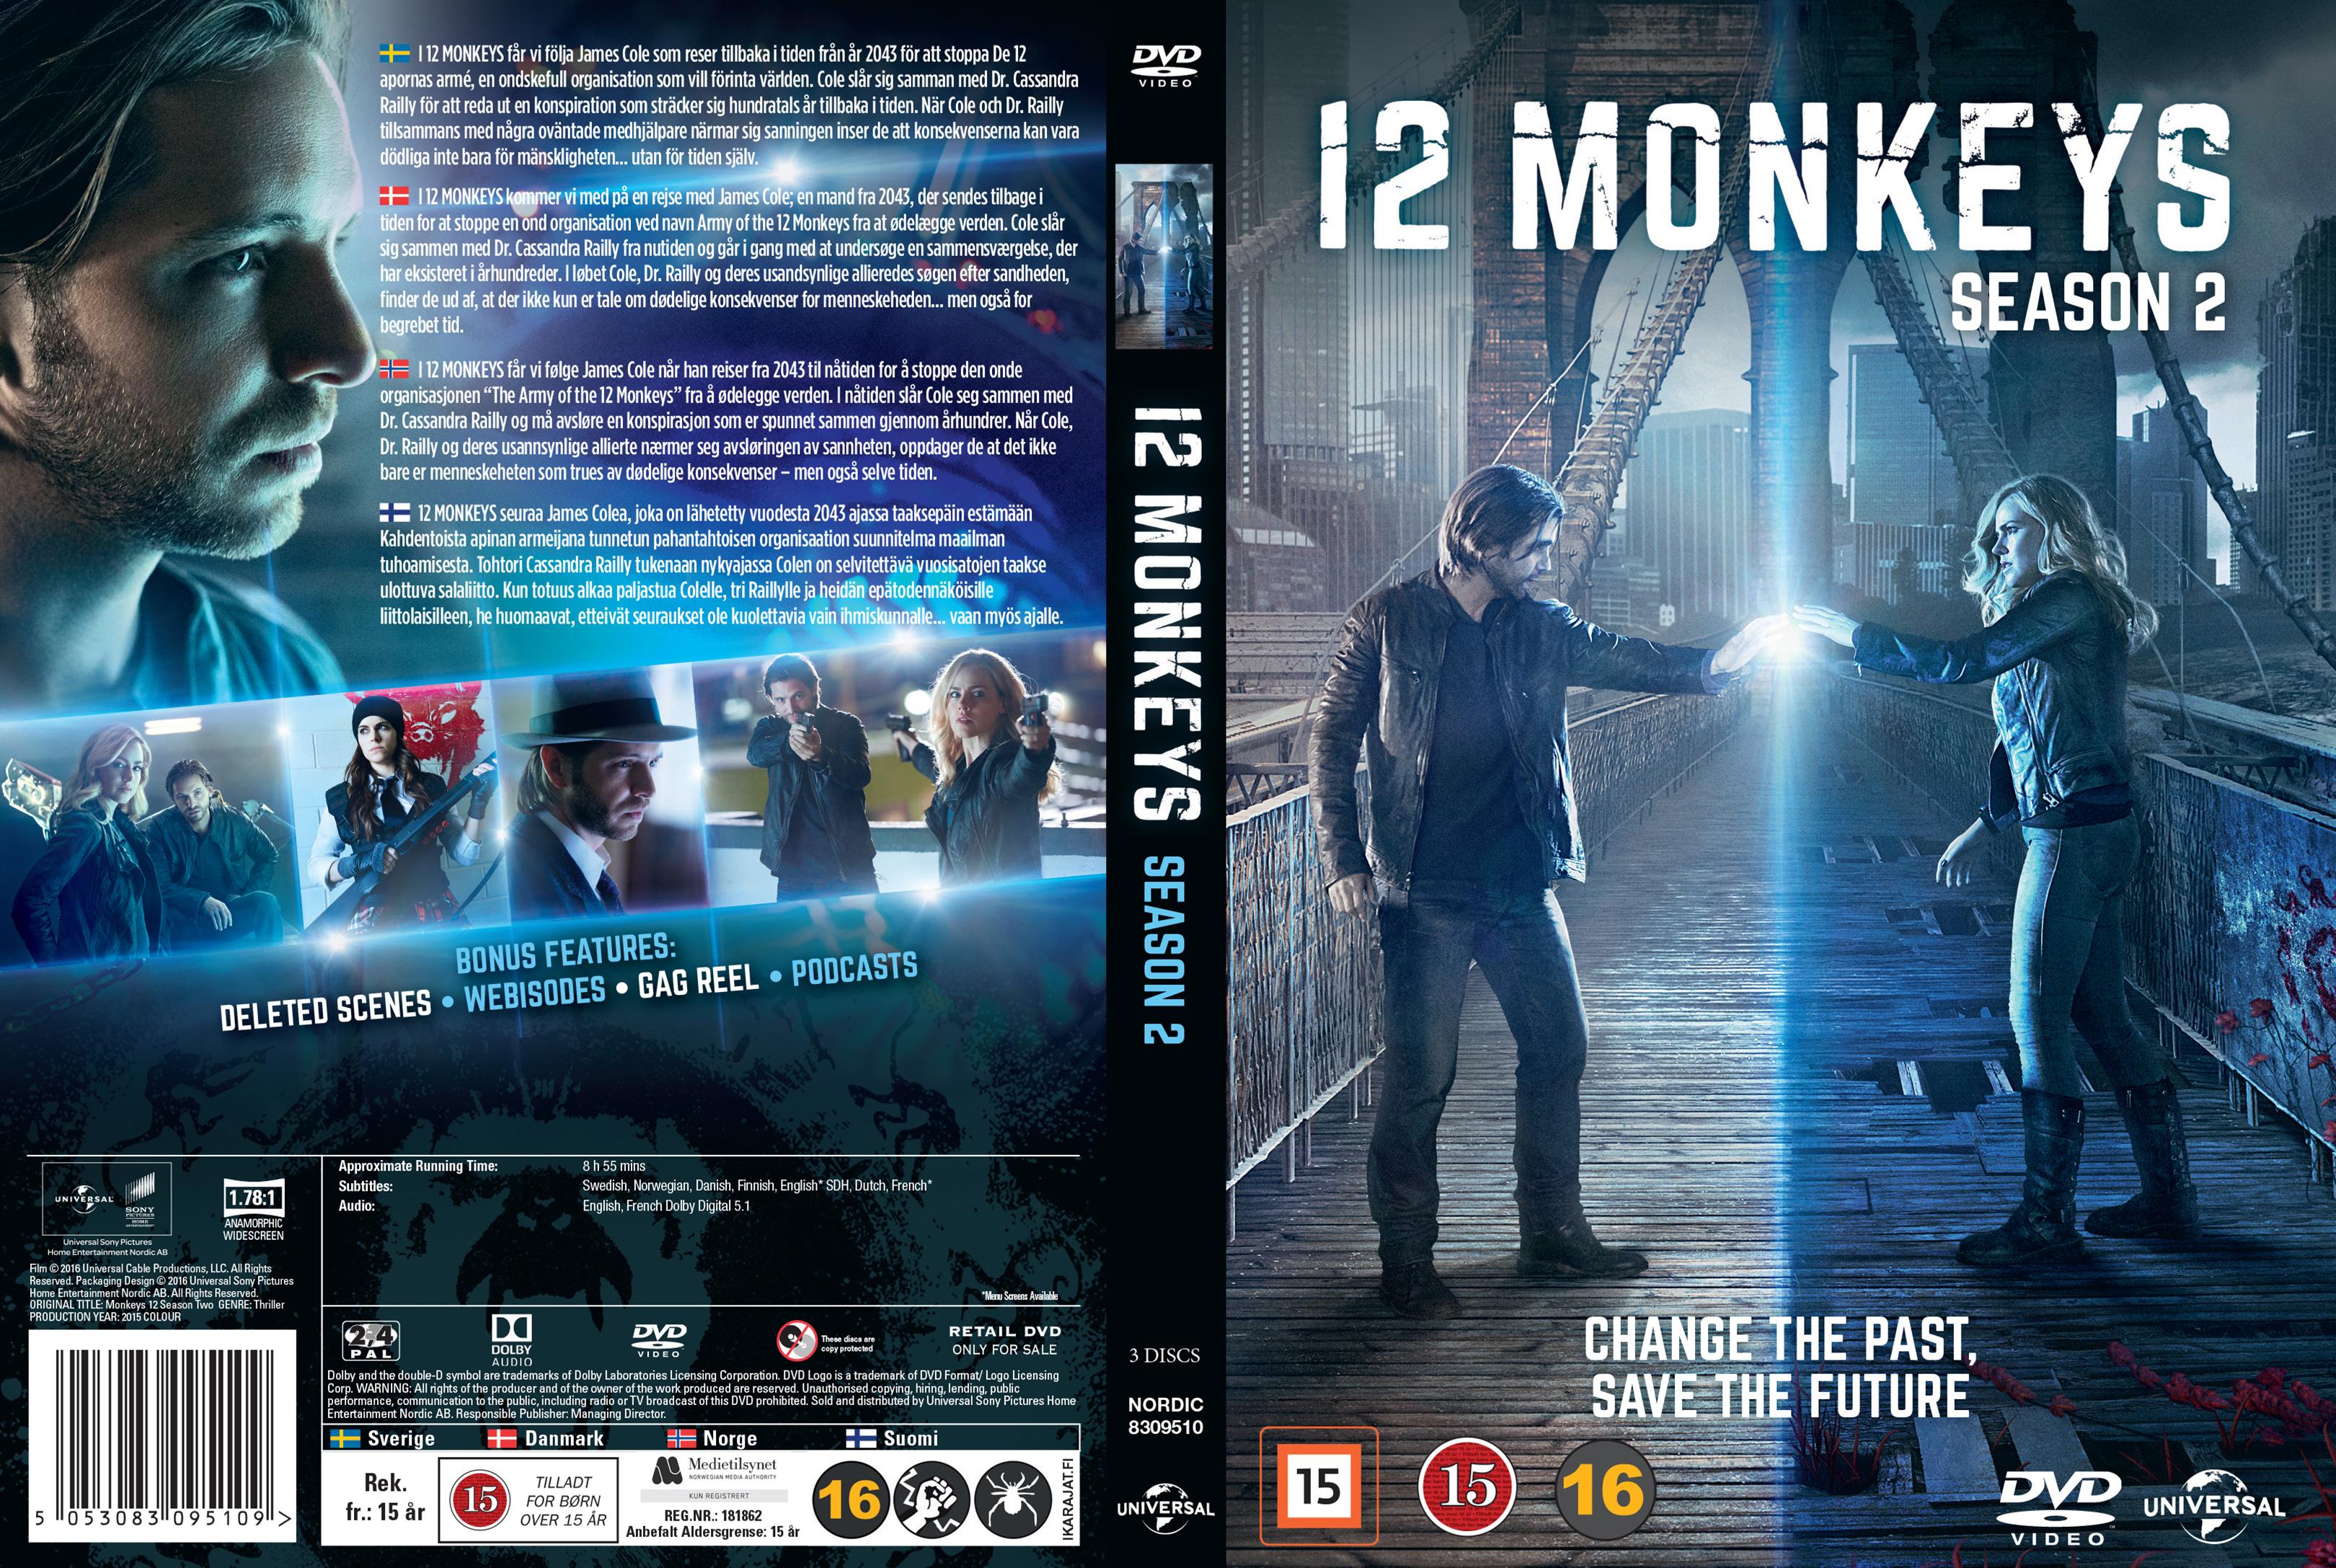 12 monkeys download movie